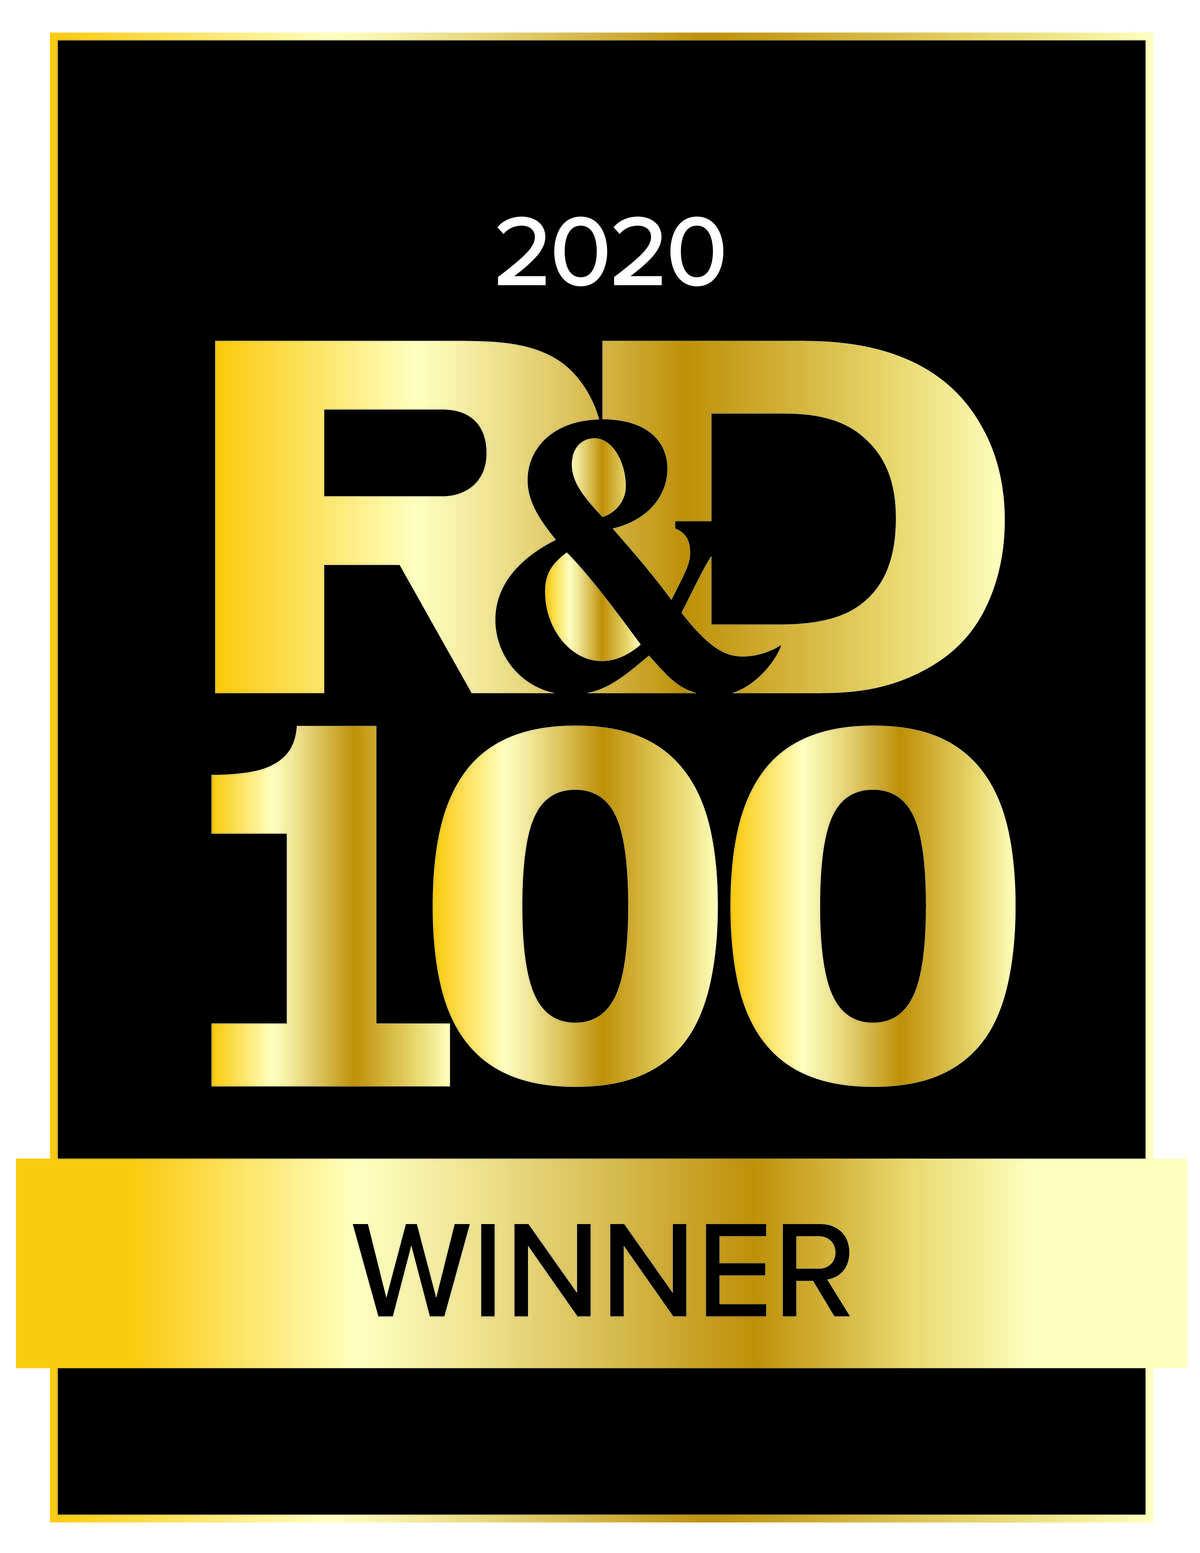 R&D 100 2020 Winner logo